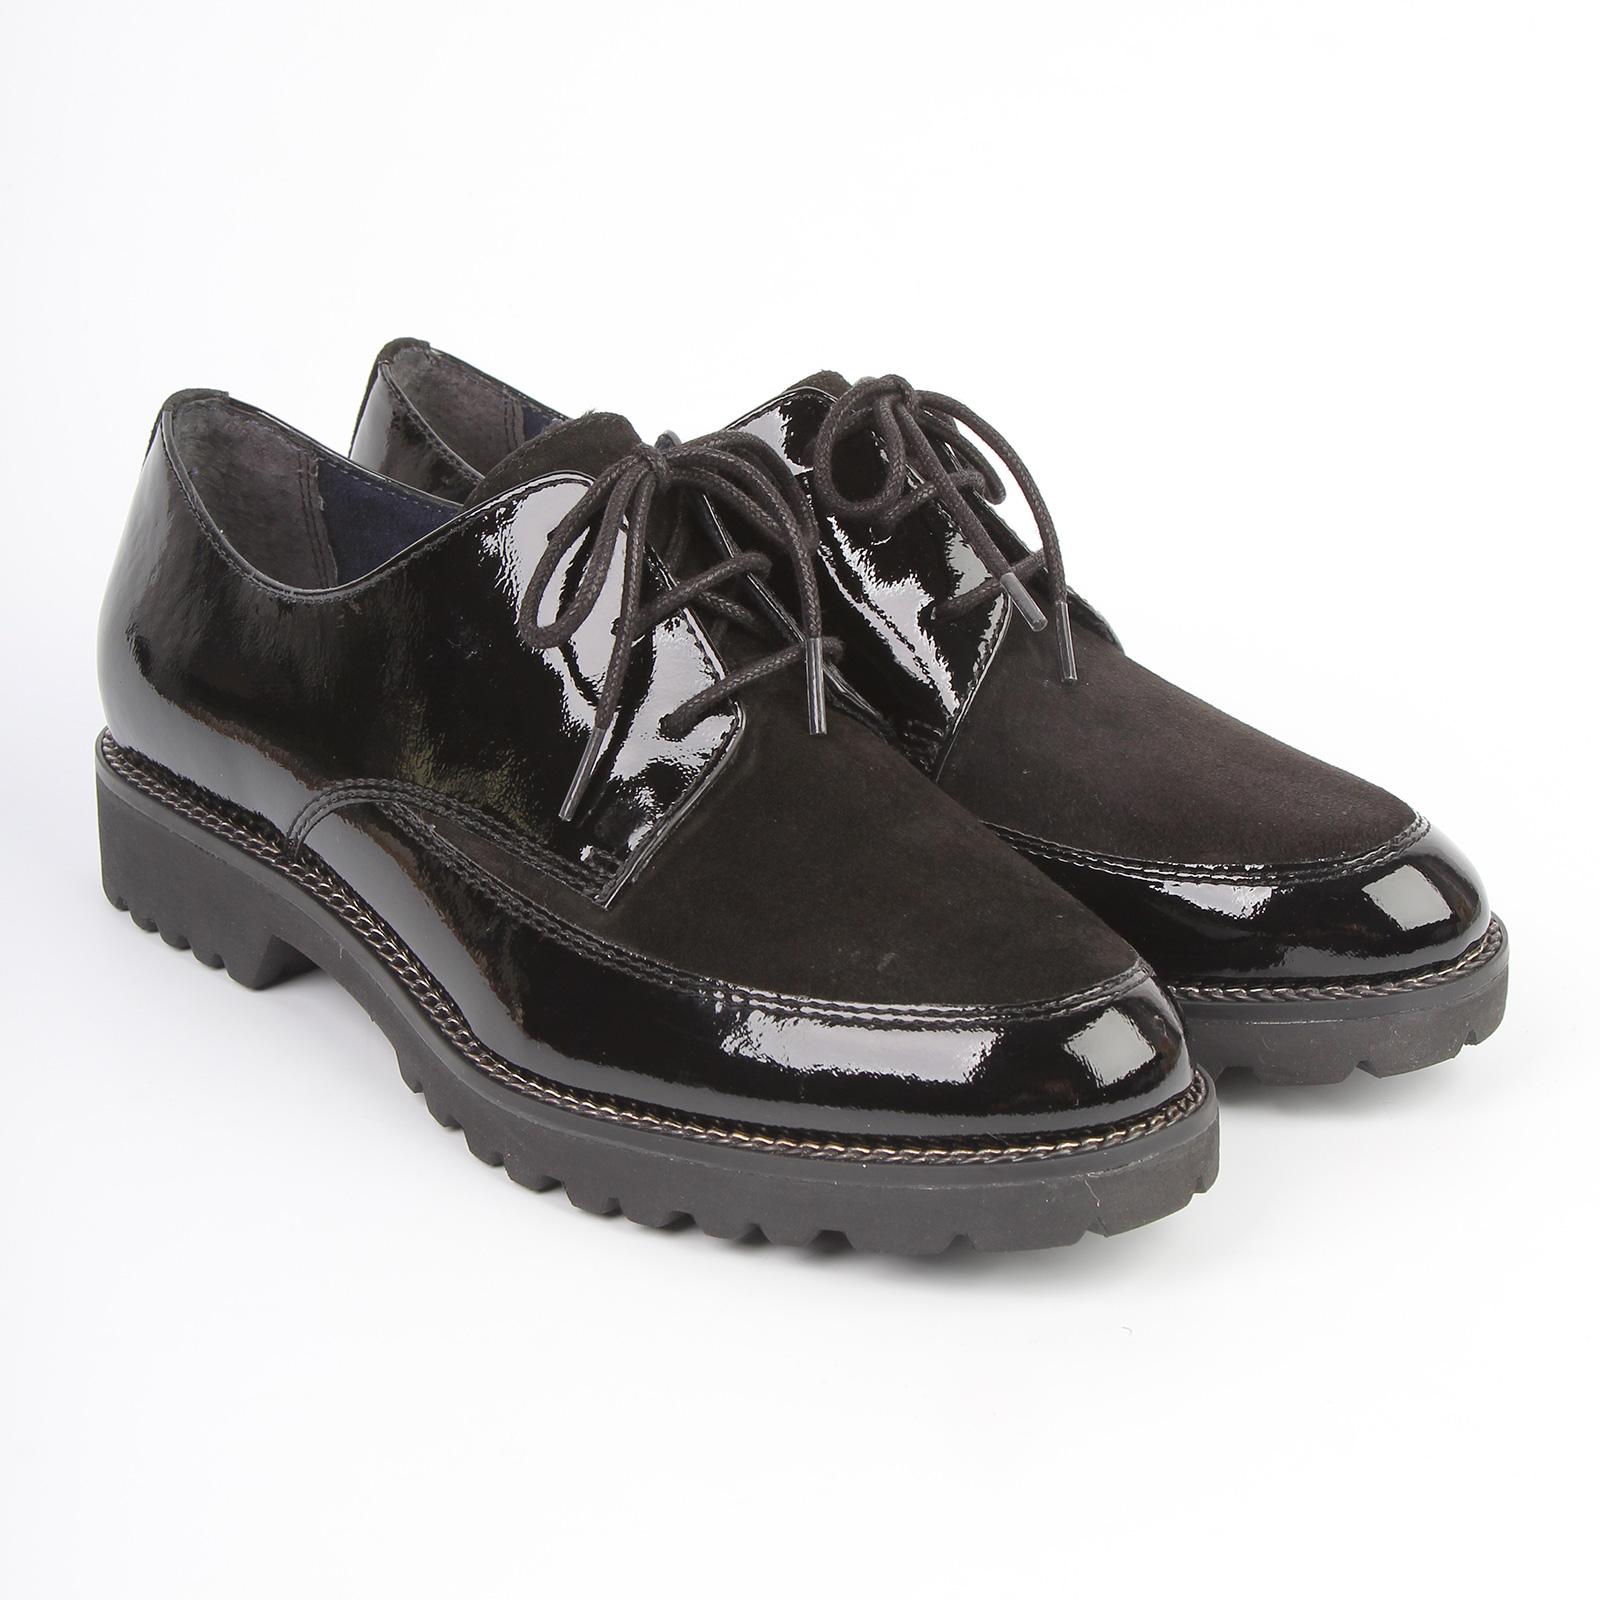 Ботинки женские лакированные на шнуровке и вставкой на мысу